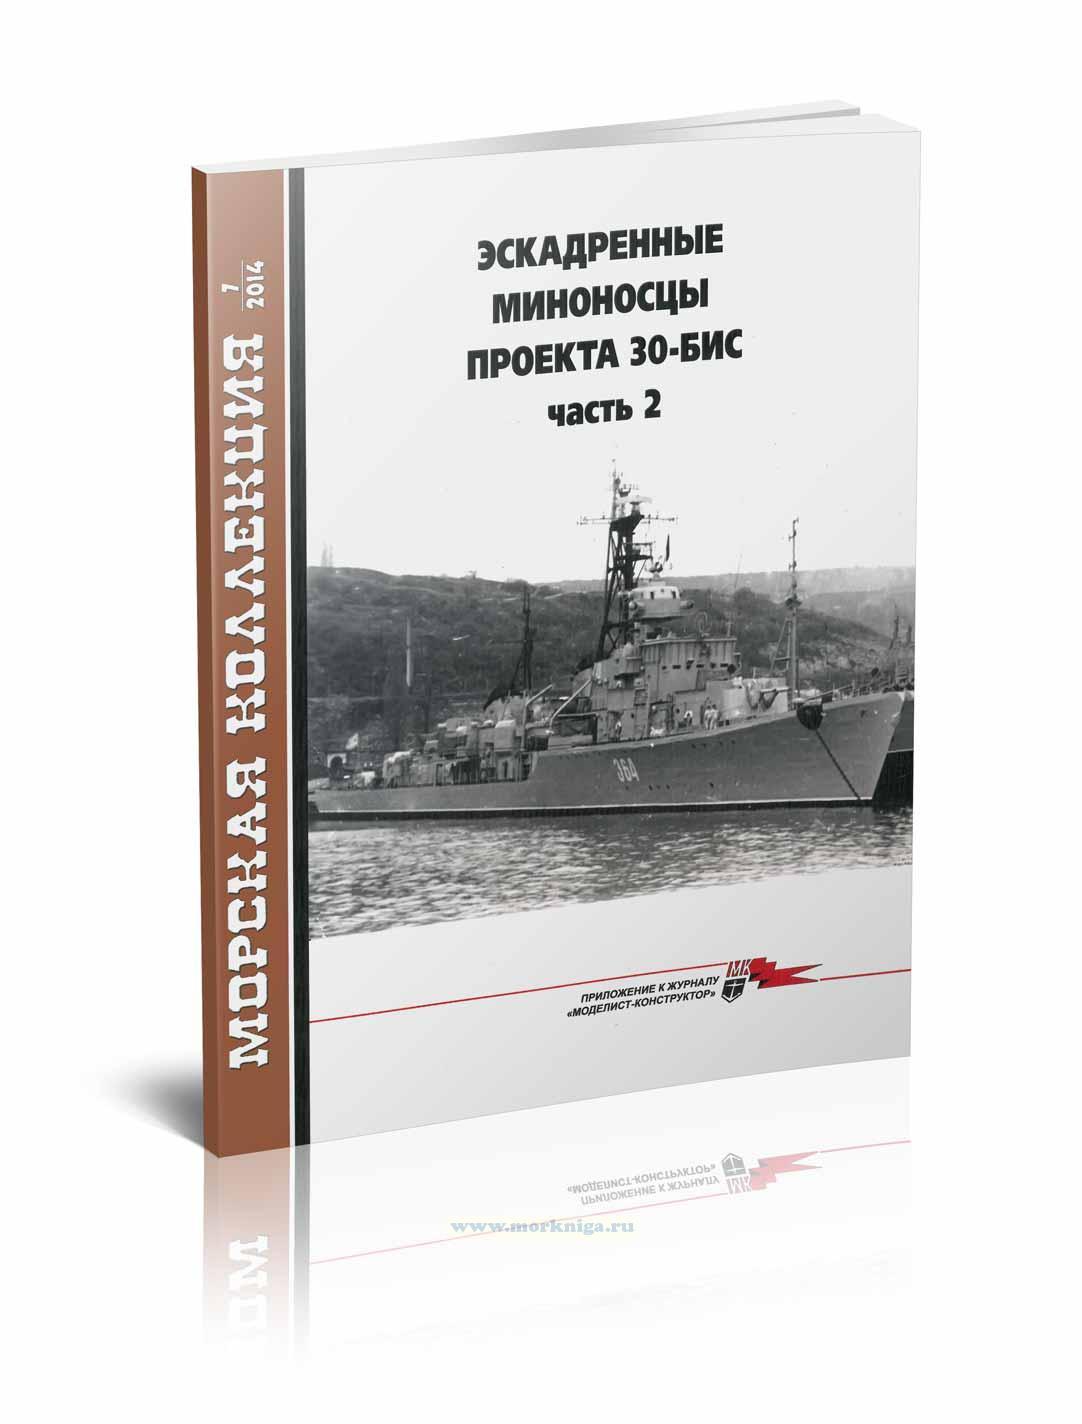 Эскадренные миноносцы проекта 30-БИС. Часть 2. Морская коллекция №7 (2014)